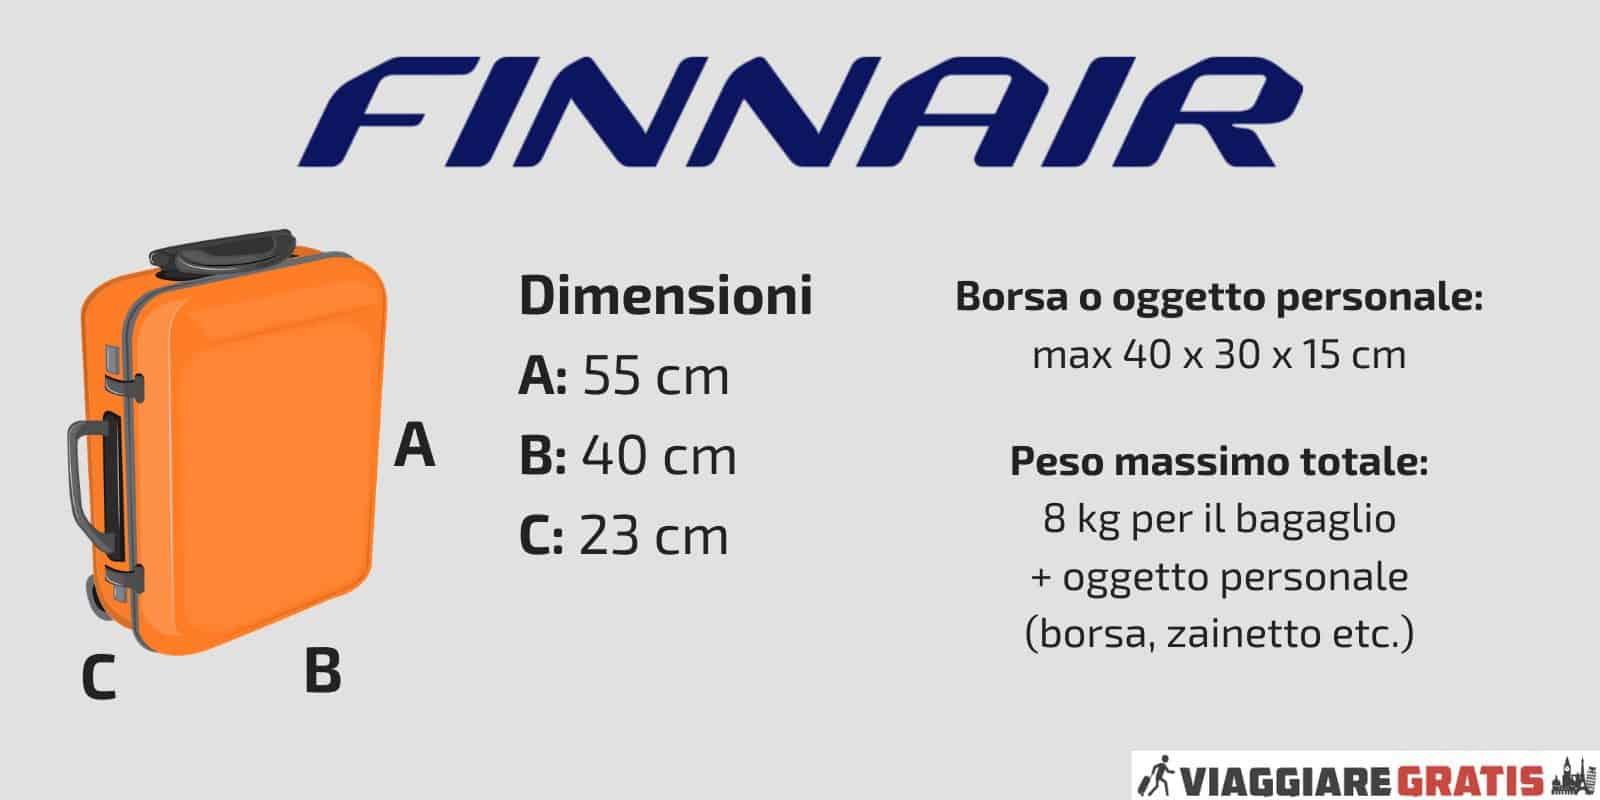 Bagaglio a Mano Finnair